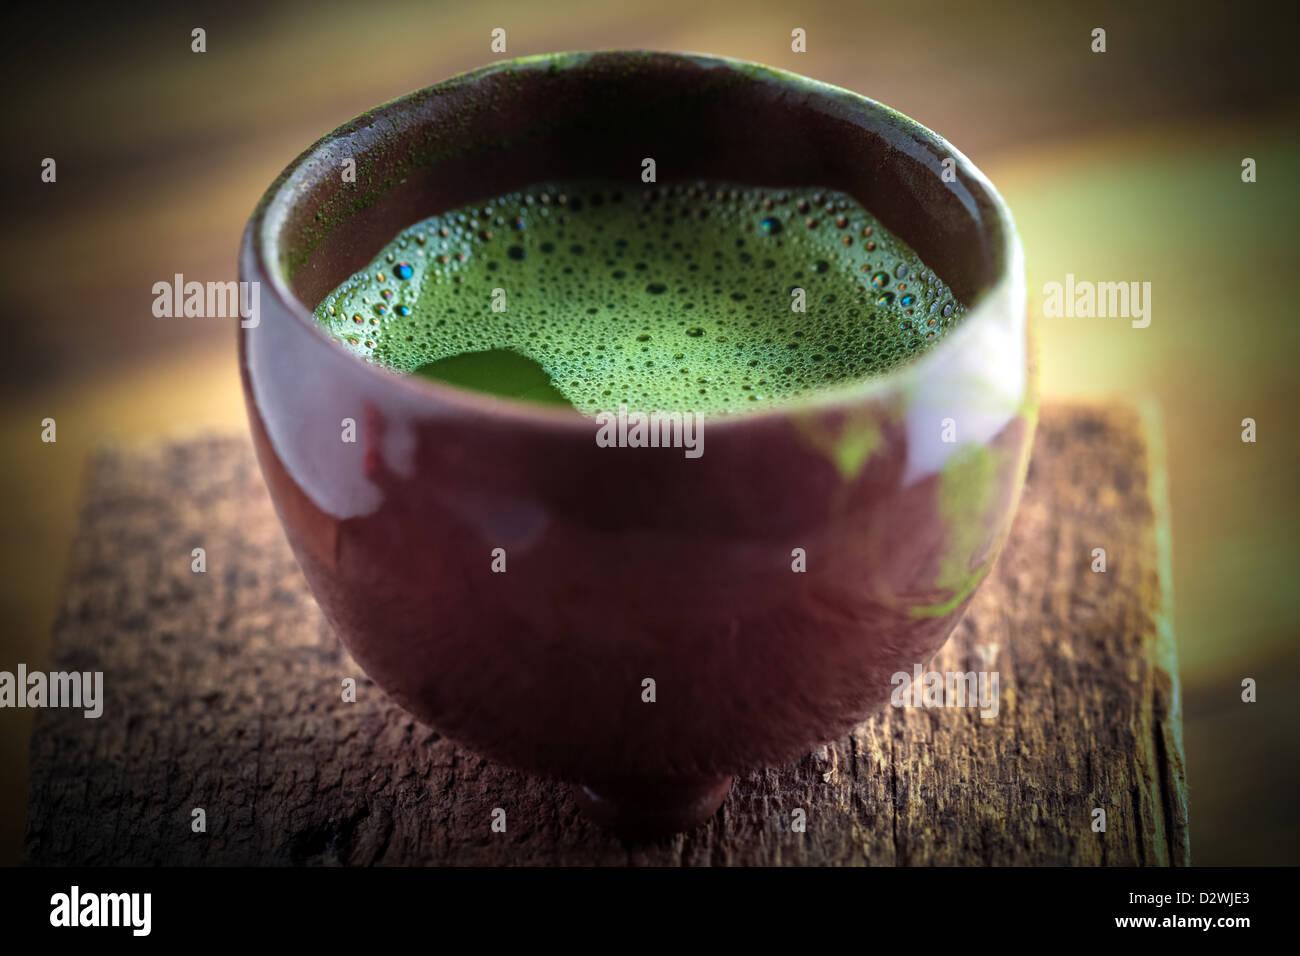 Bowl of matcha tea (Green tea) - Stock Image